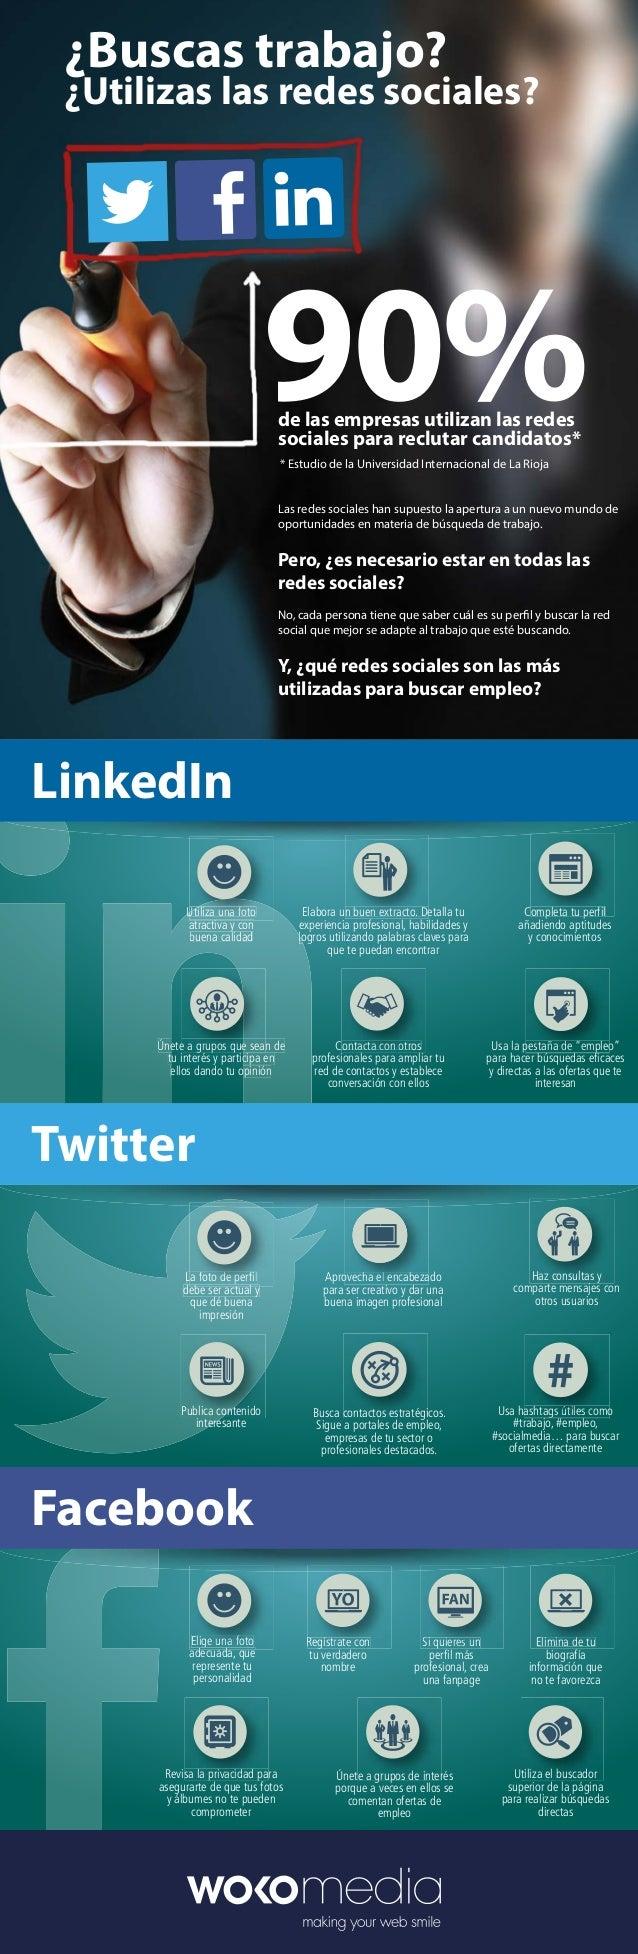 ¿Buscas trabajo?  ¿Utilizas las redes sociales?  90% de las empresas utilizan las redes sociales para reclutar candidatos*...